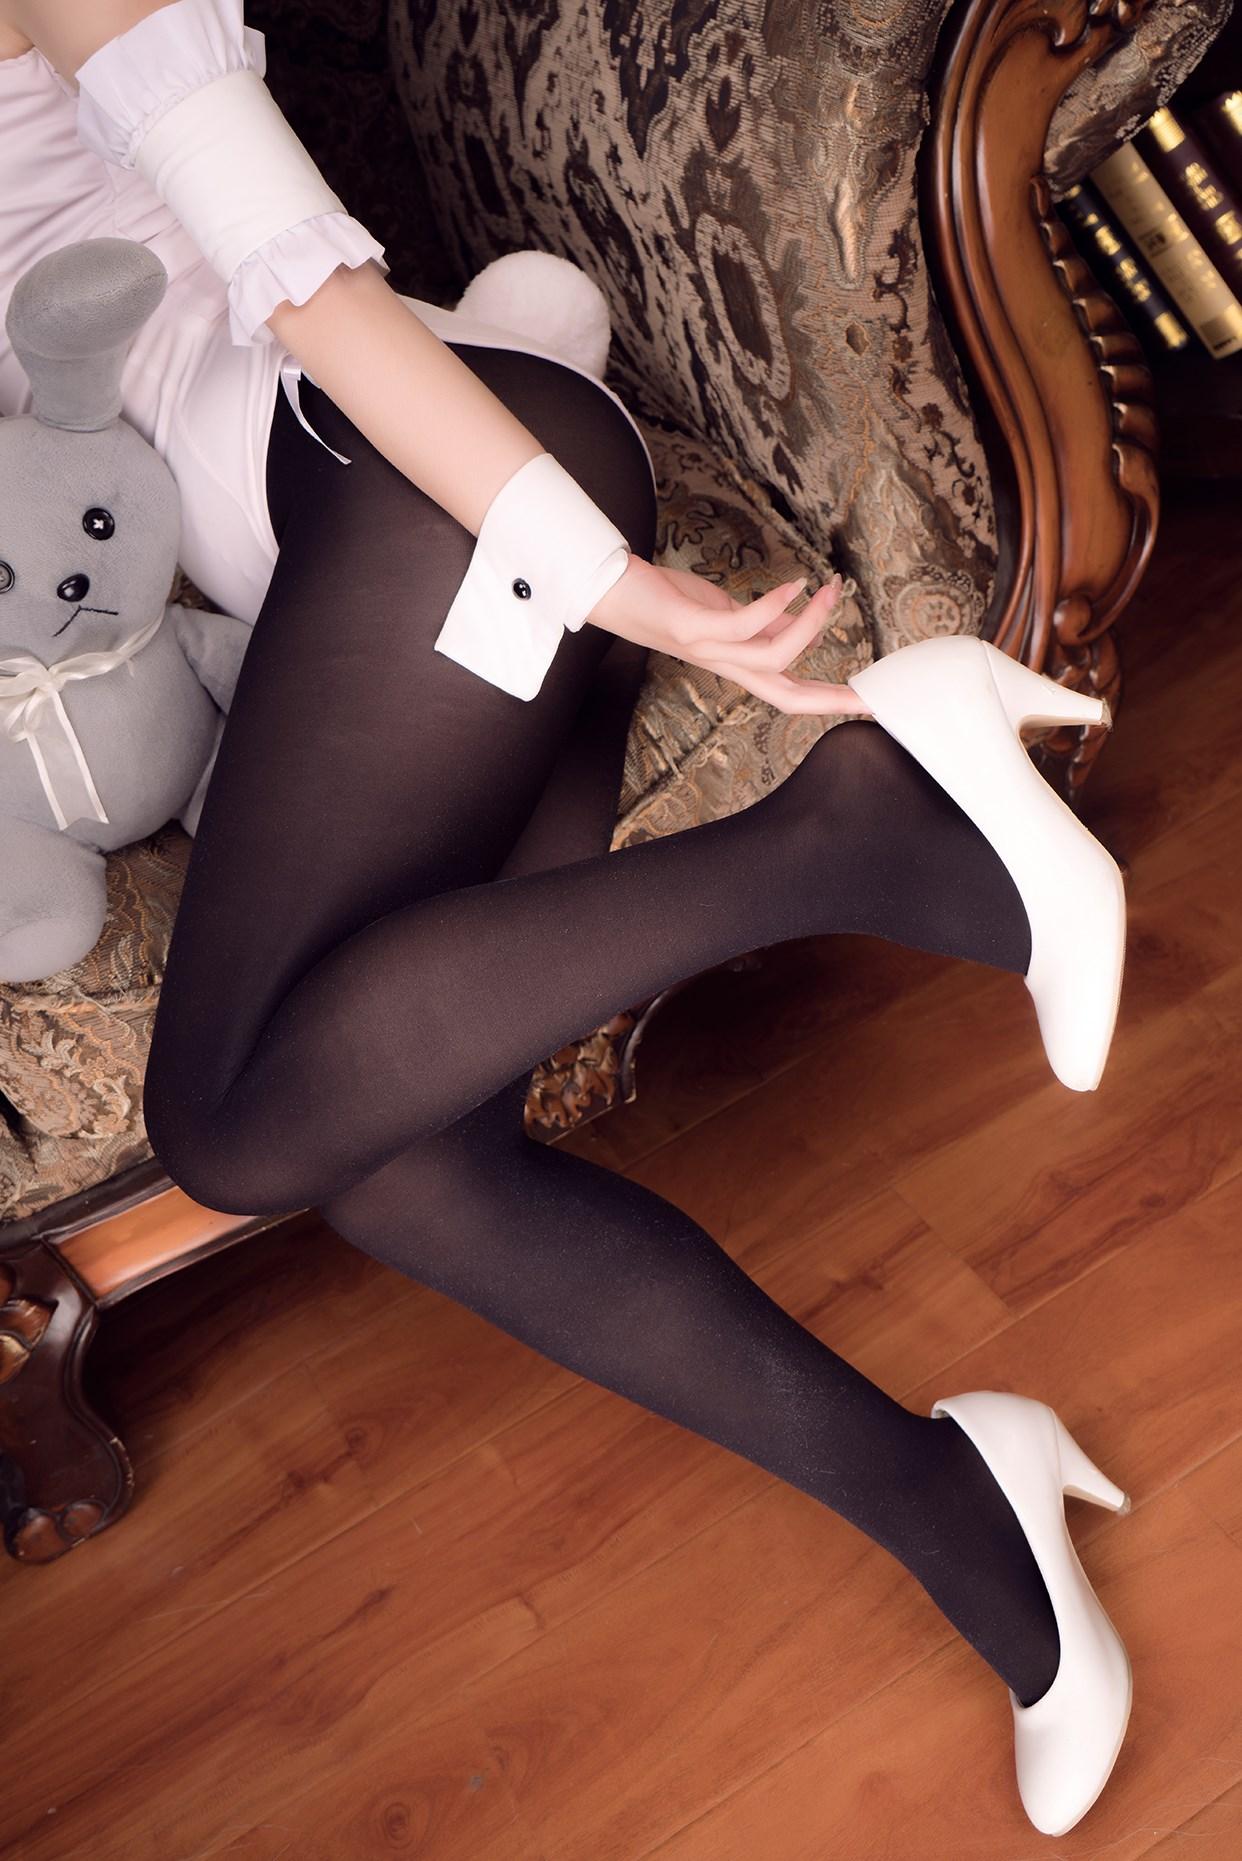 【兔玩映画】兔女郎vol.15-穹妹 兔玩映画 第44张